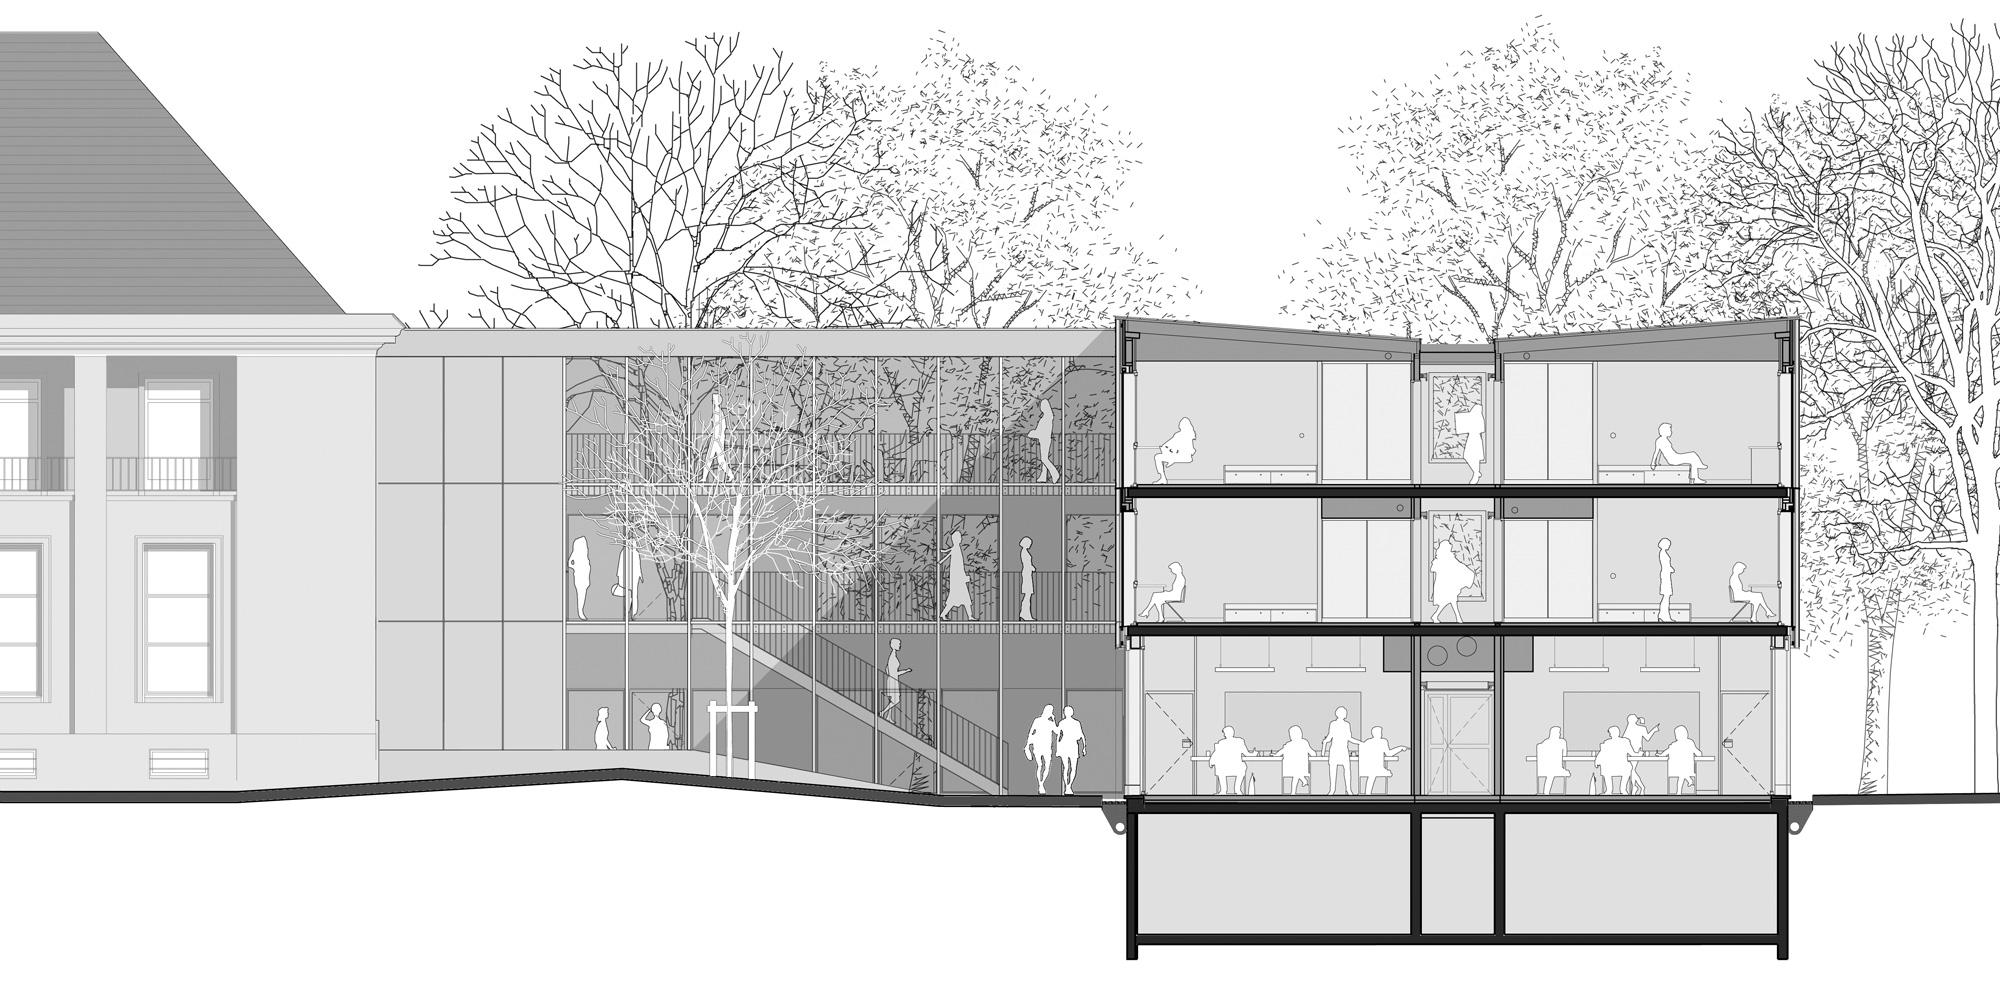 Sezione AA © Belus & Hénocq Architectes